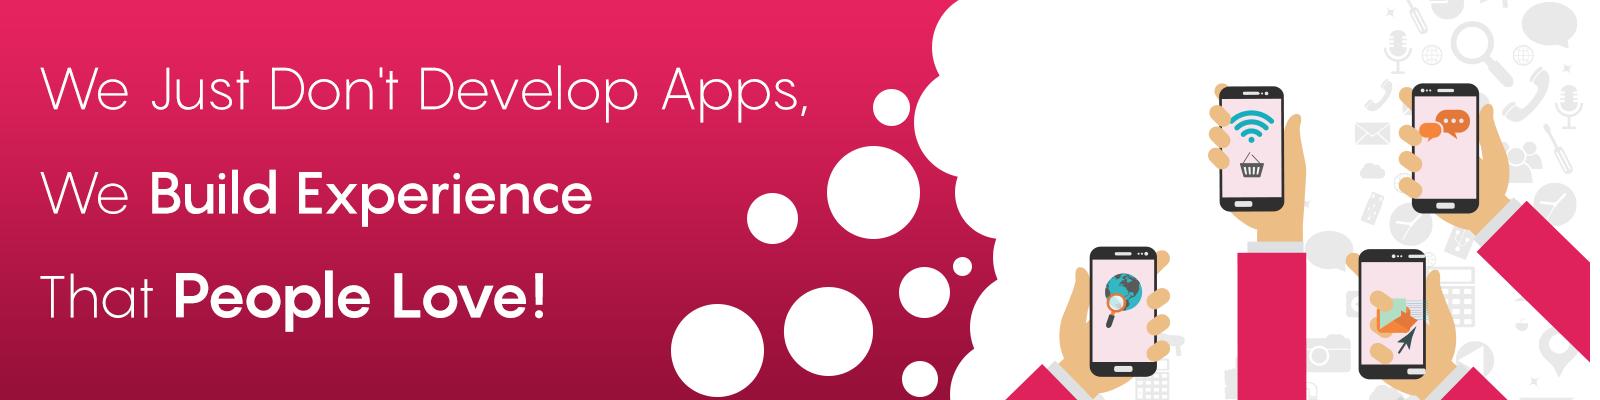 mobile app development company italy